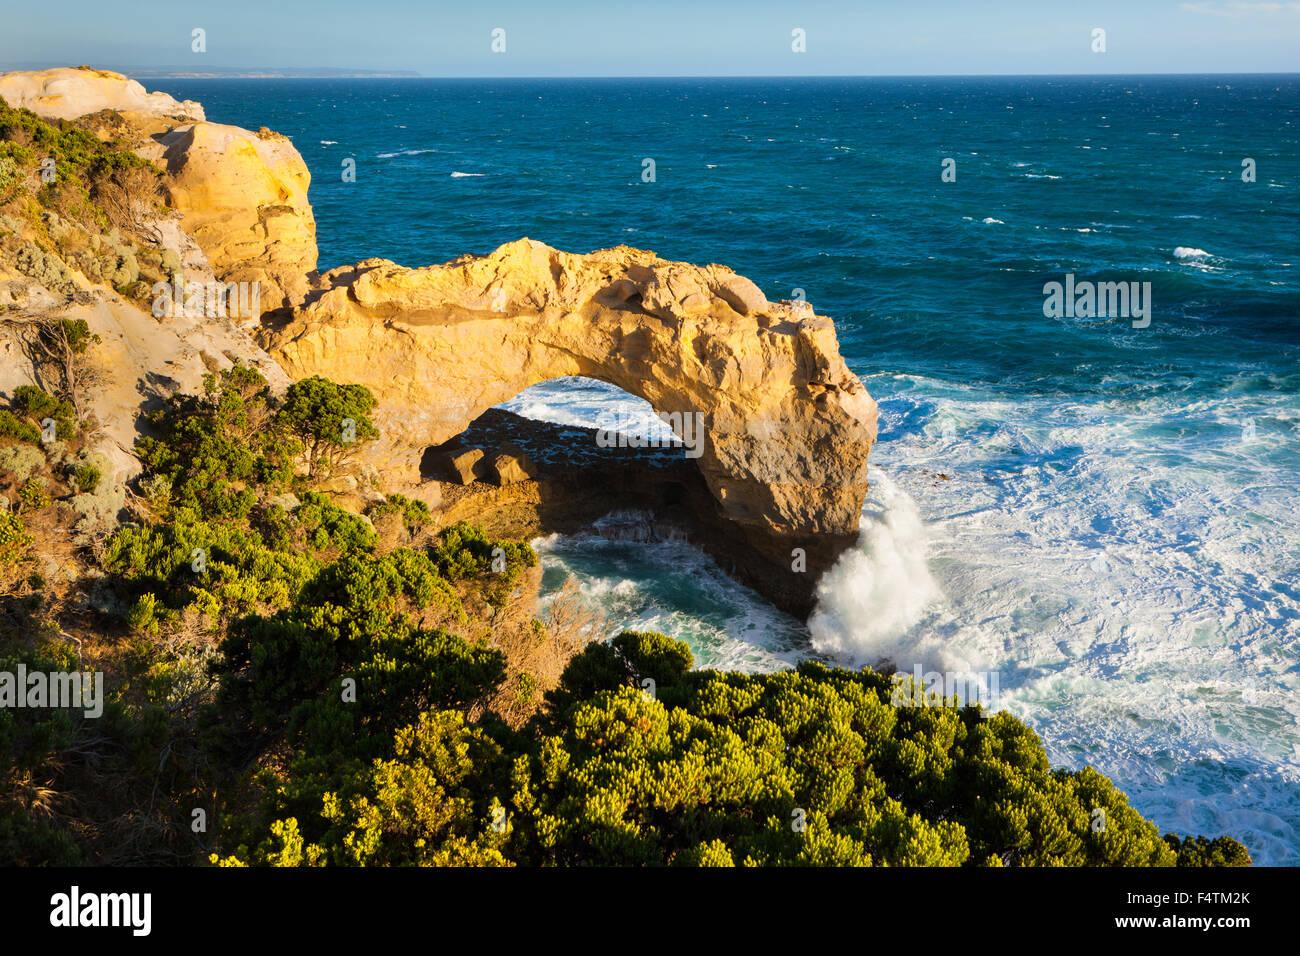 Arch, l'Australie, Victoria, port Campbell, parc national, mer, côte, courbe de falaise Photo Stock